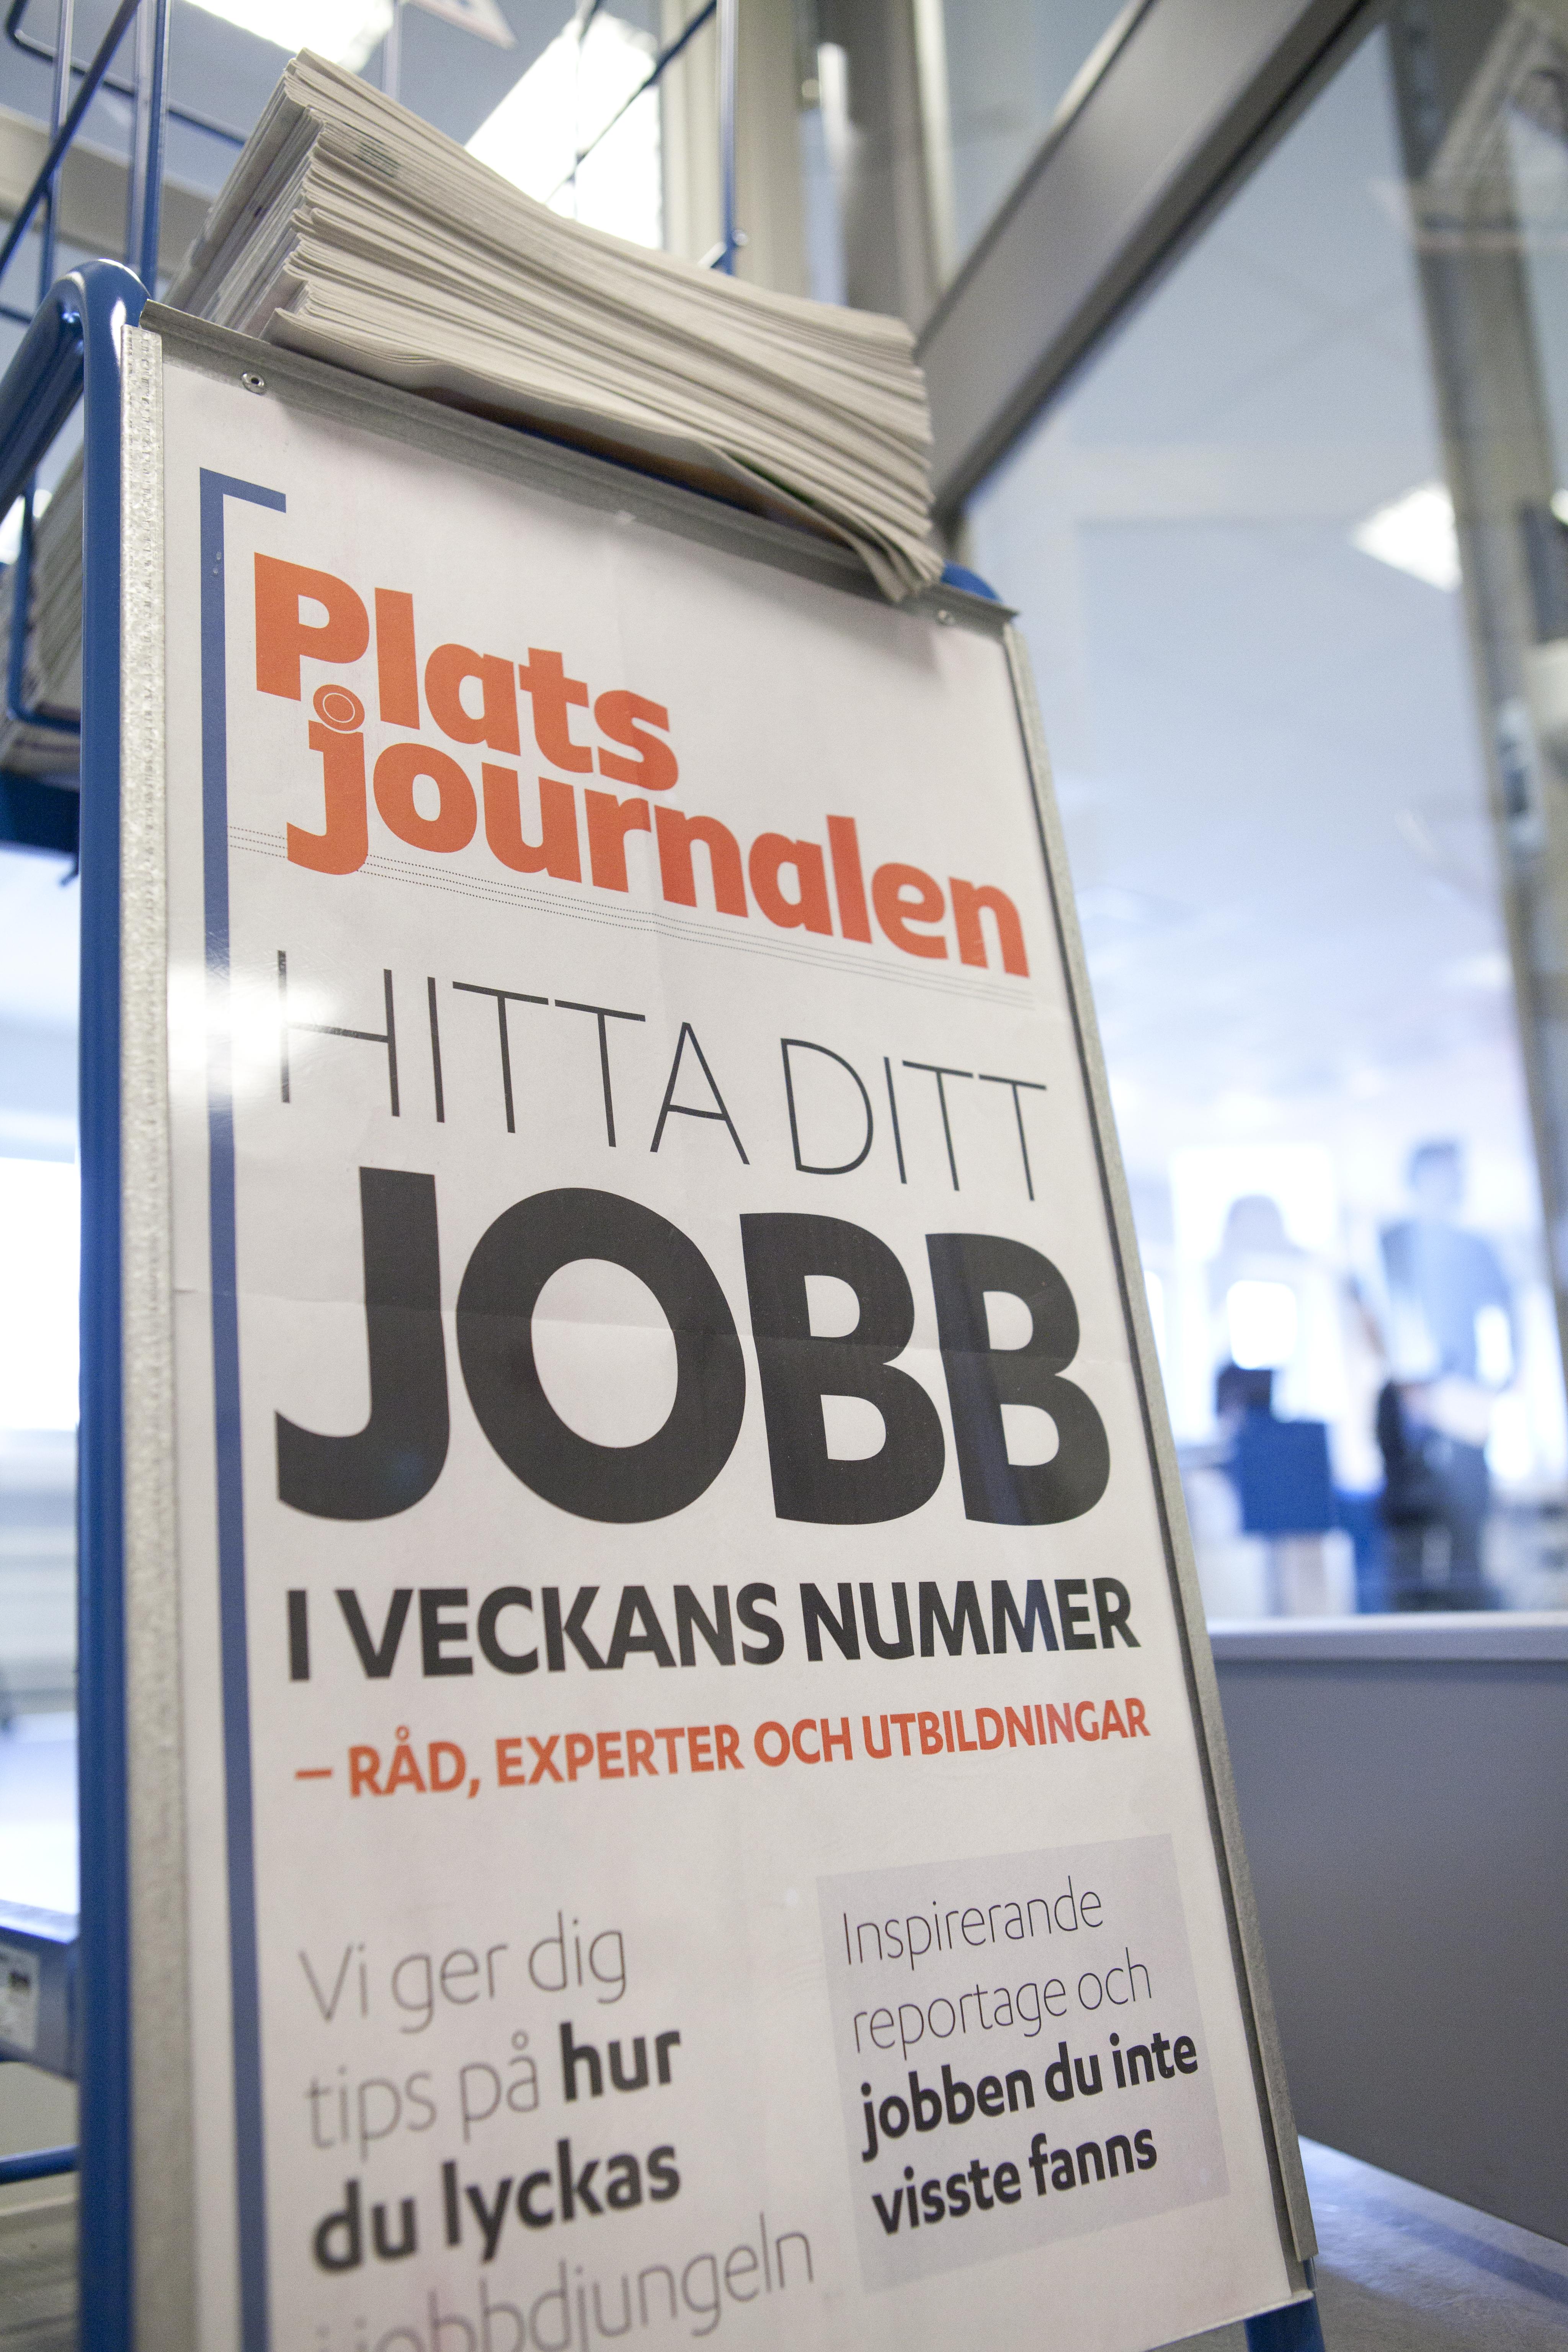 Fler har jobb trots hogre arbetsloshet